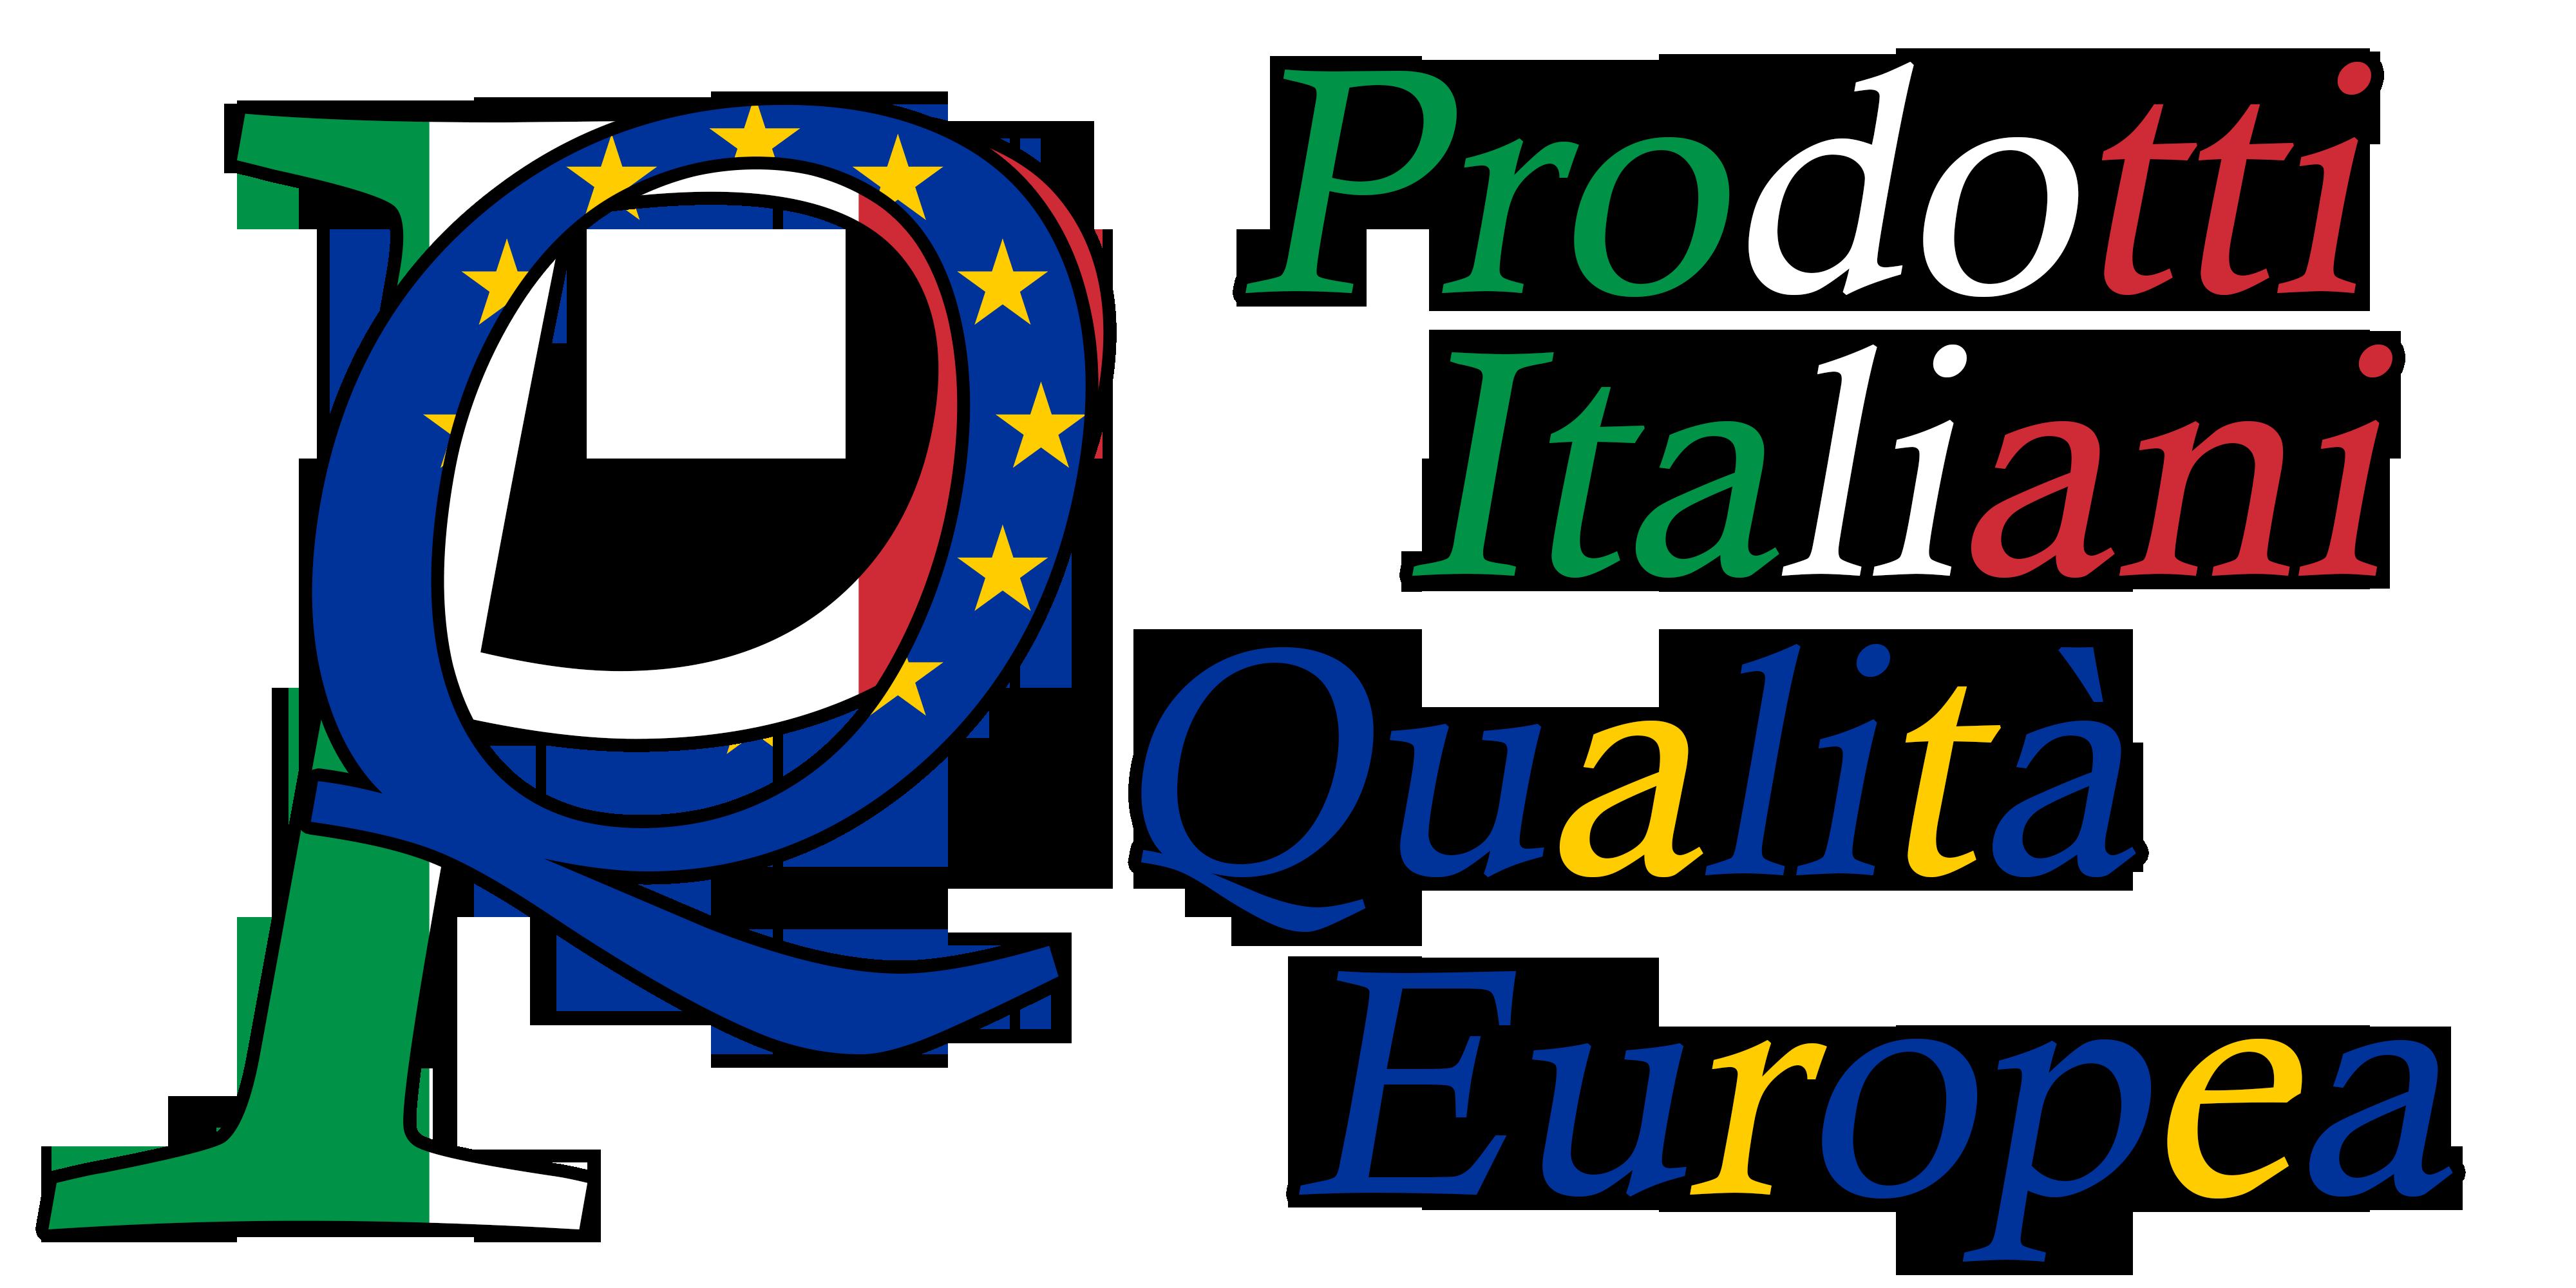 www.prodottiqualita.altervista.org